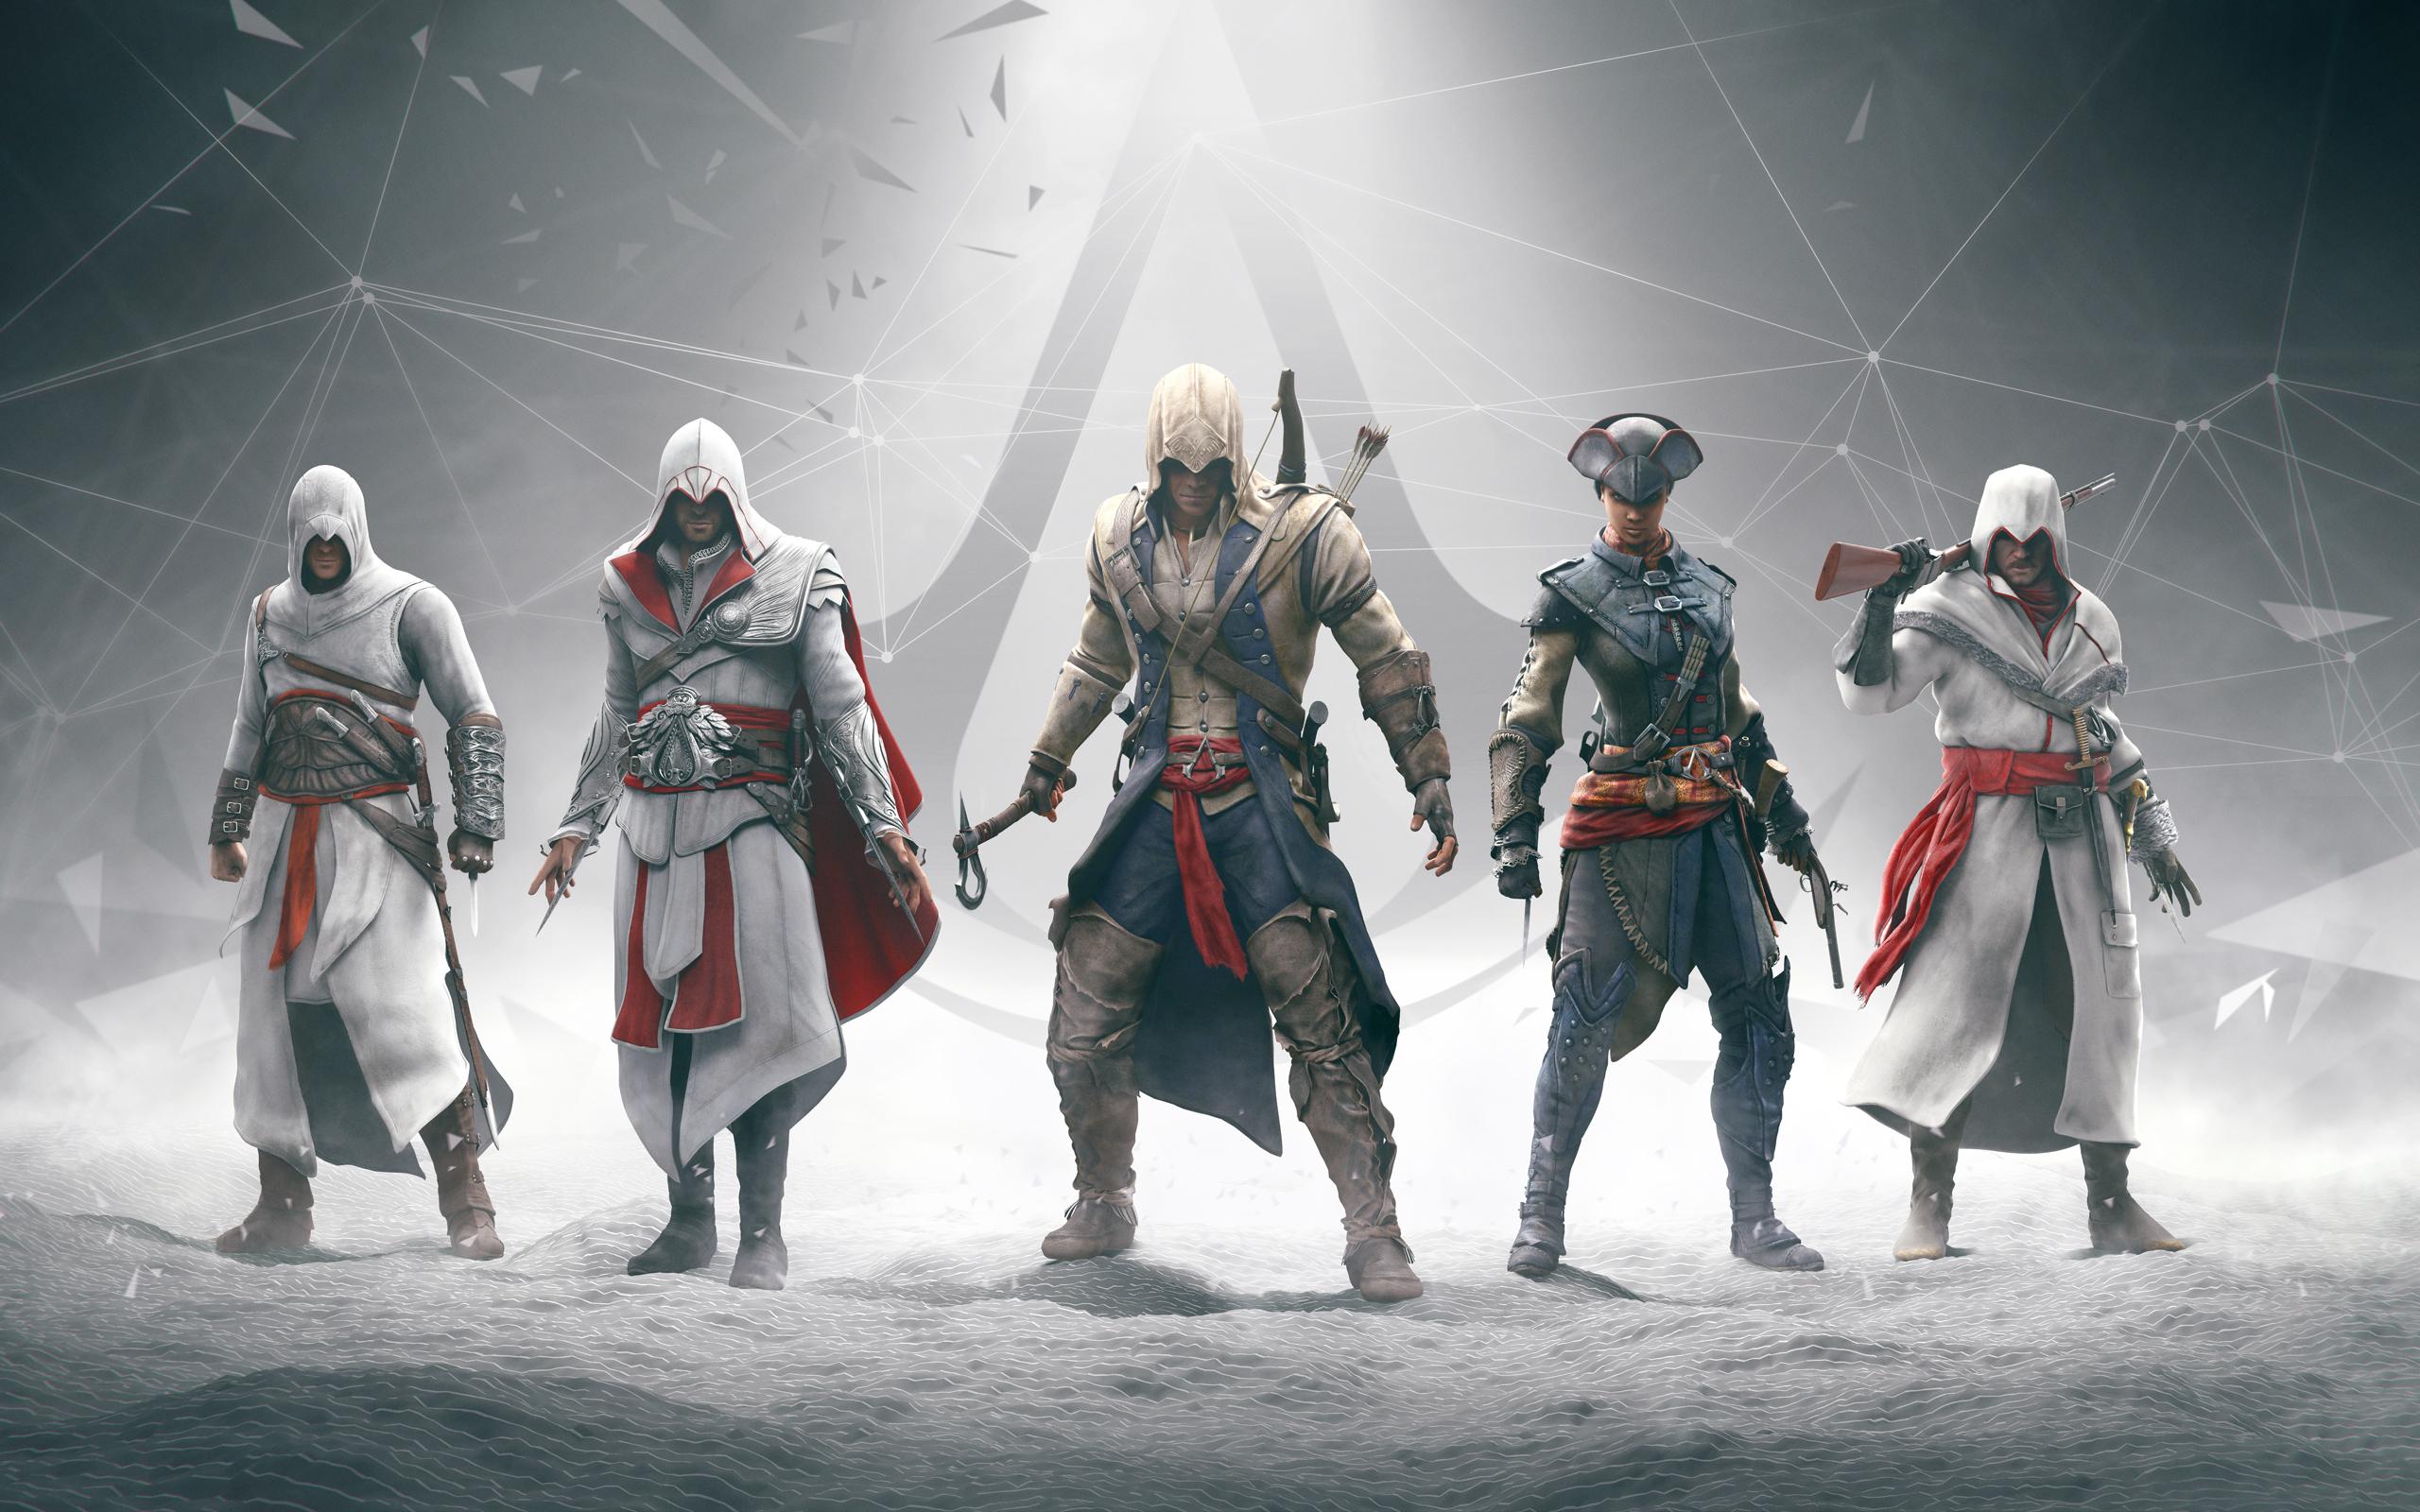 17912 Hintergrundbild herunterladen Spiele, Assassins Creed - Bildschirmschoner und Bilder kostenlos